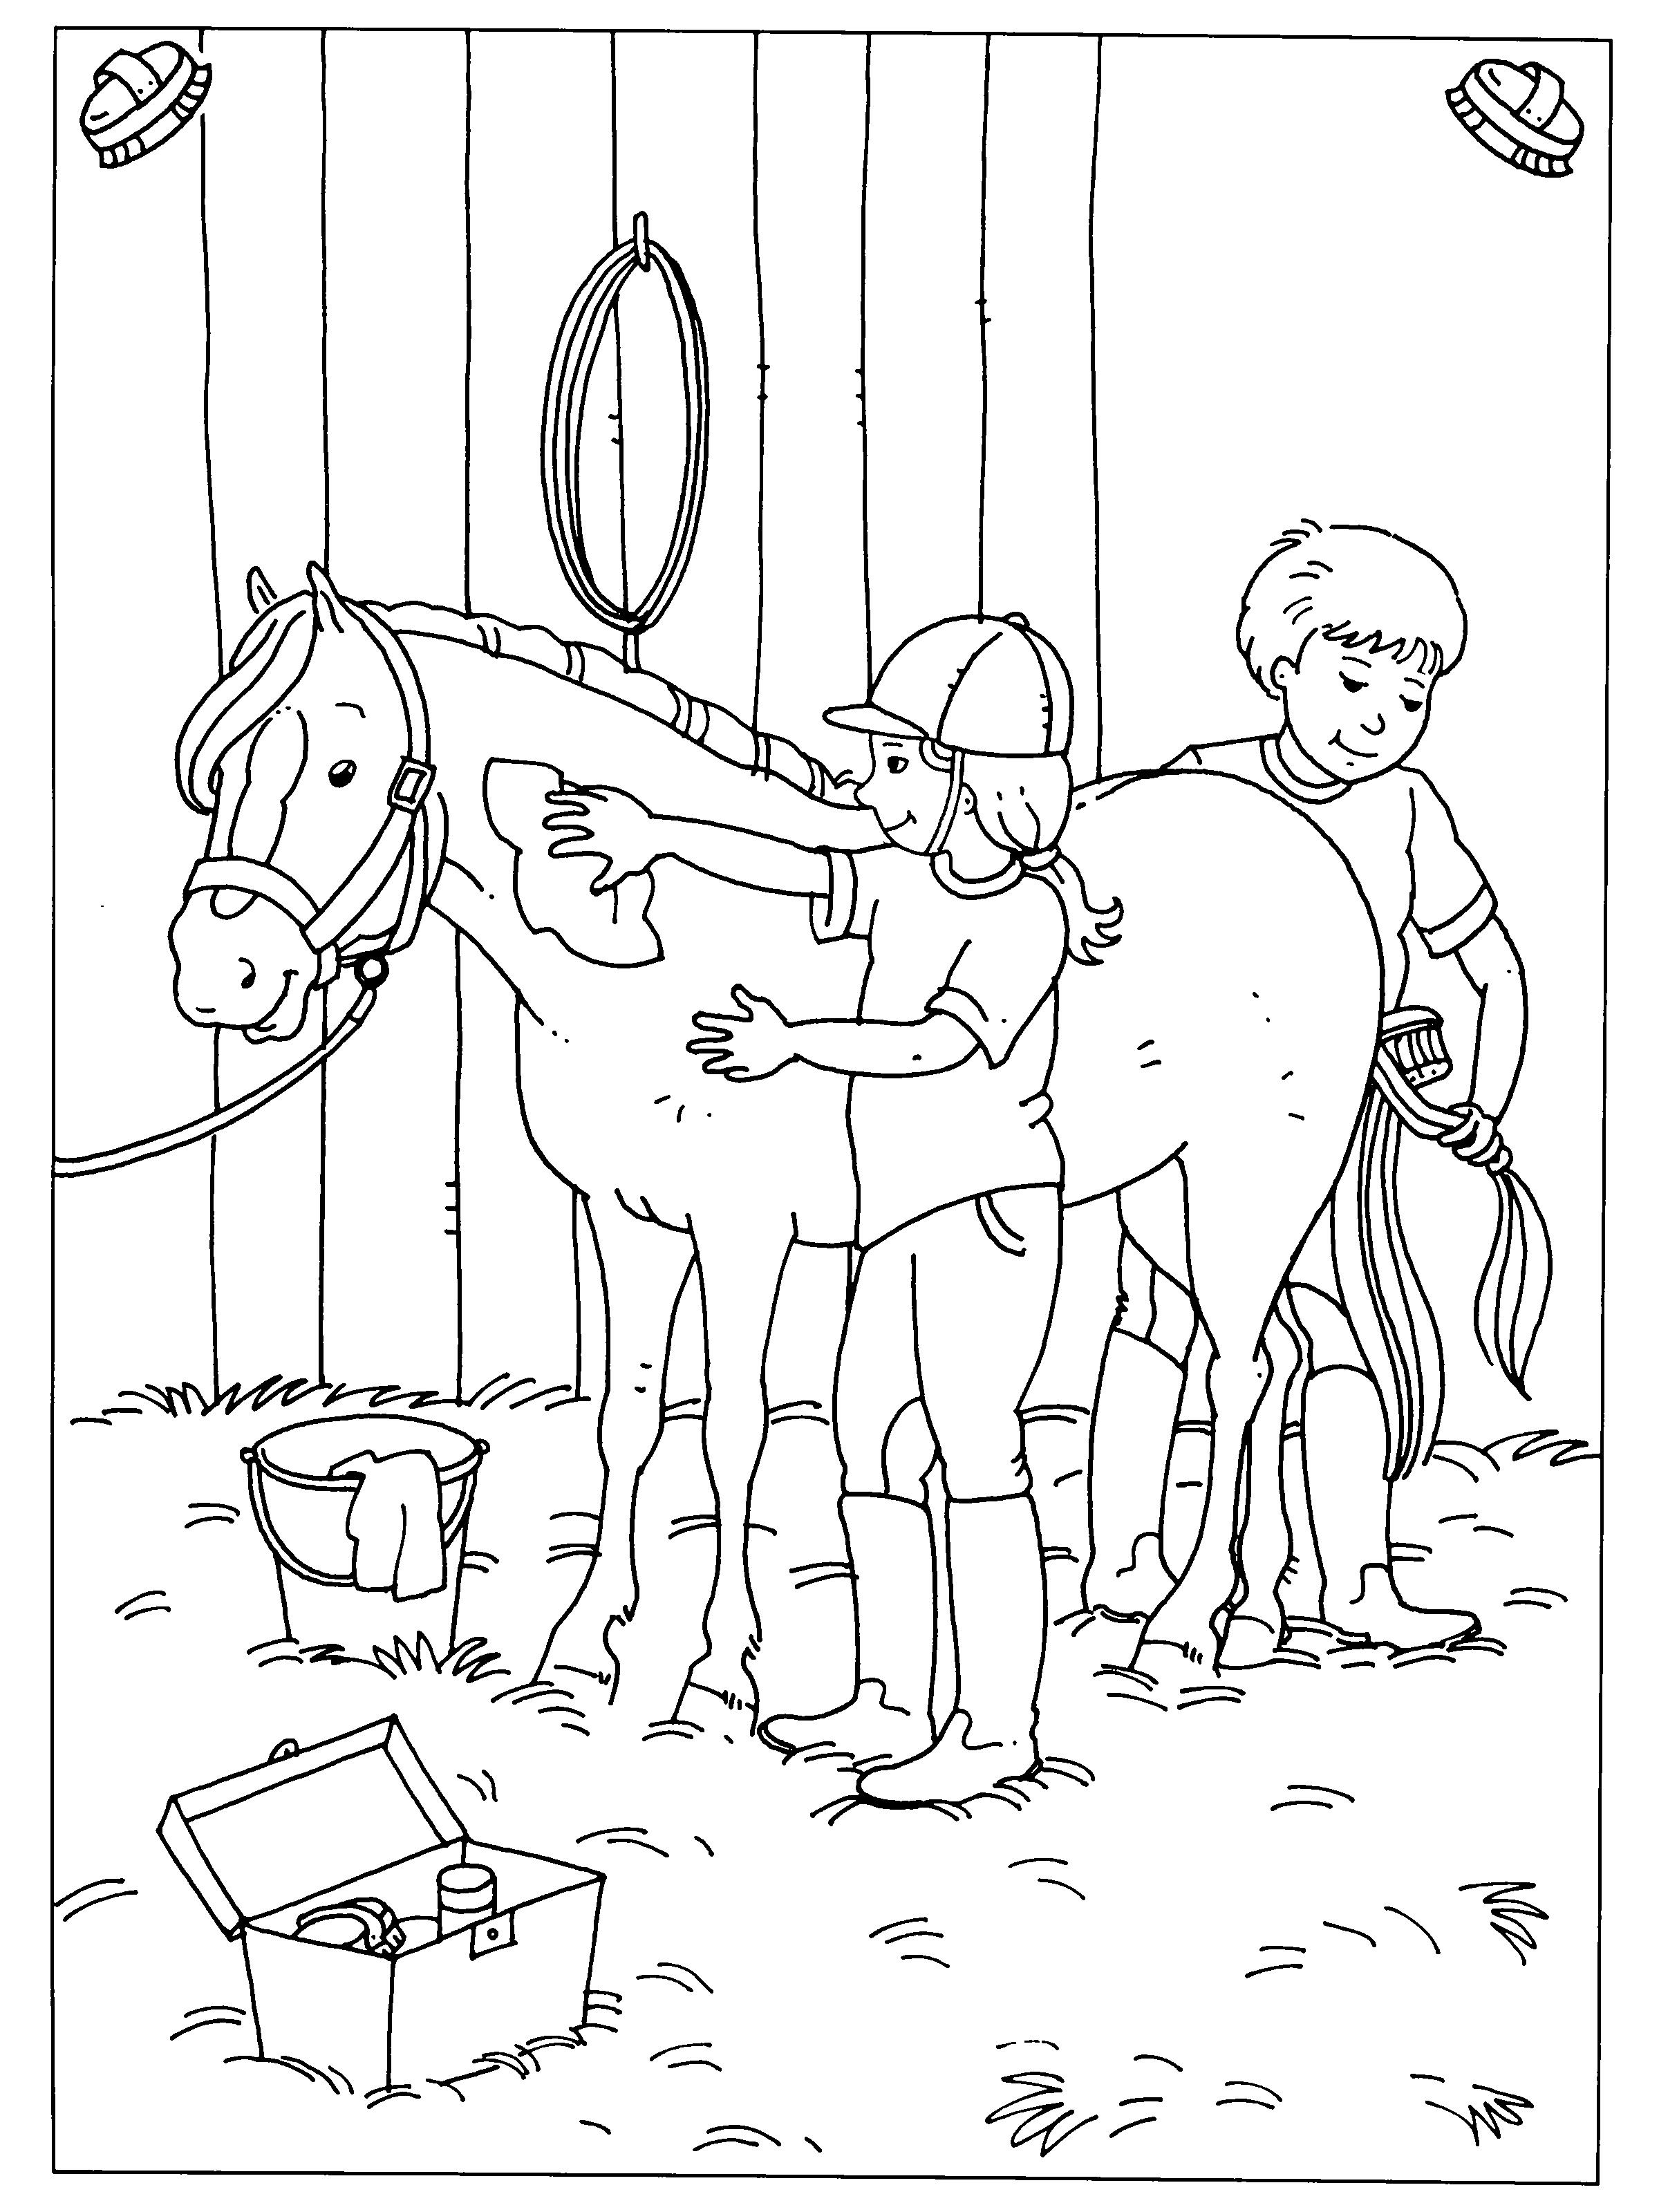 Kleurplaat Dressuur Wedstrijd Paard De Site Welkom Kleurplaten Overzicht Help Faq Contact